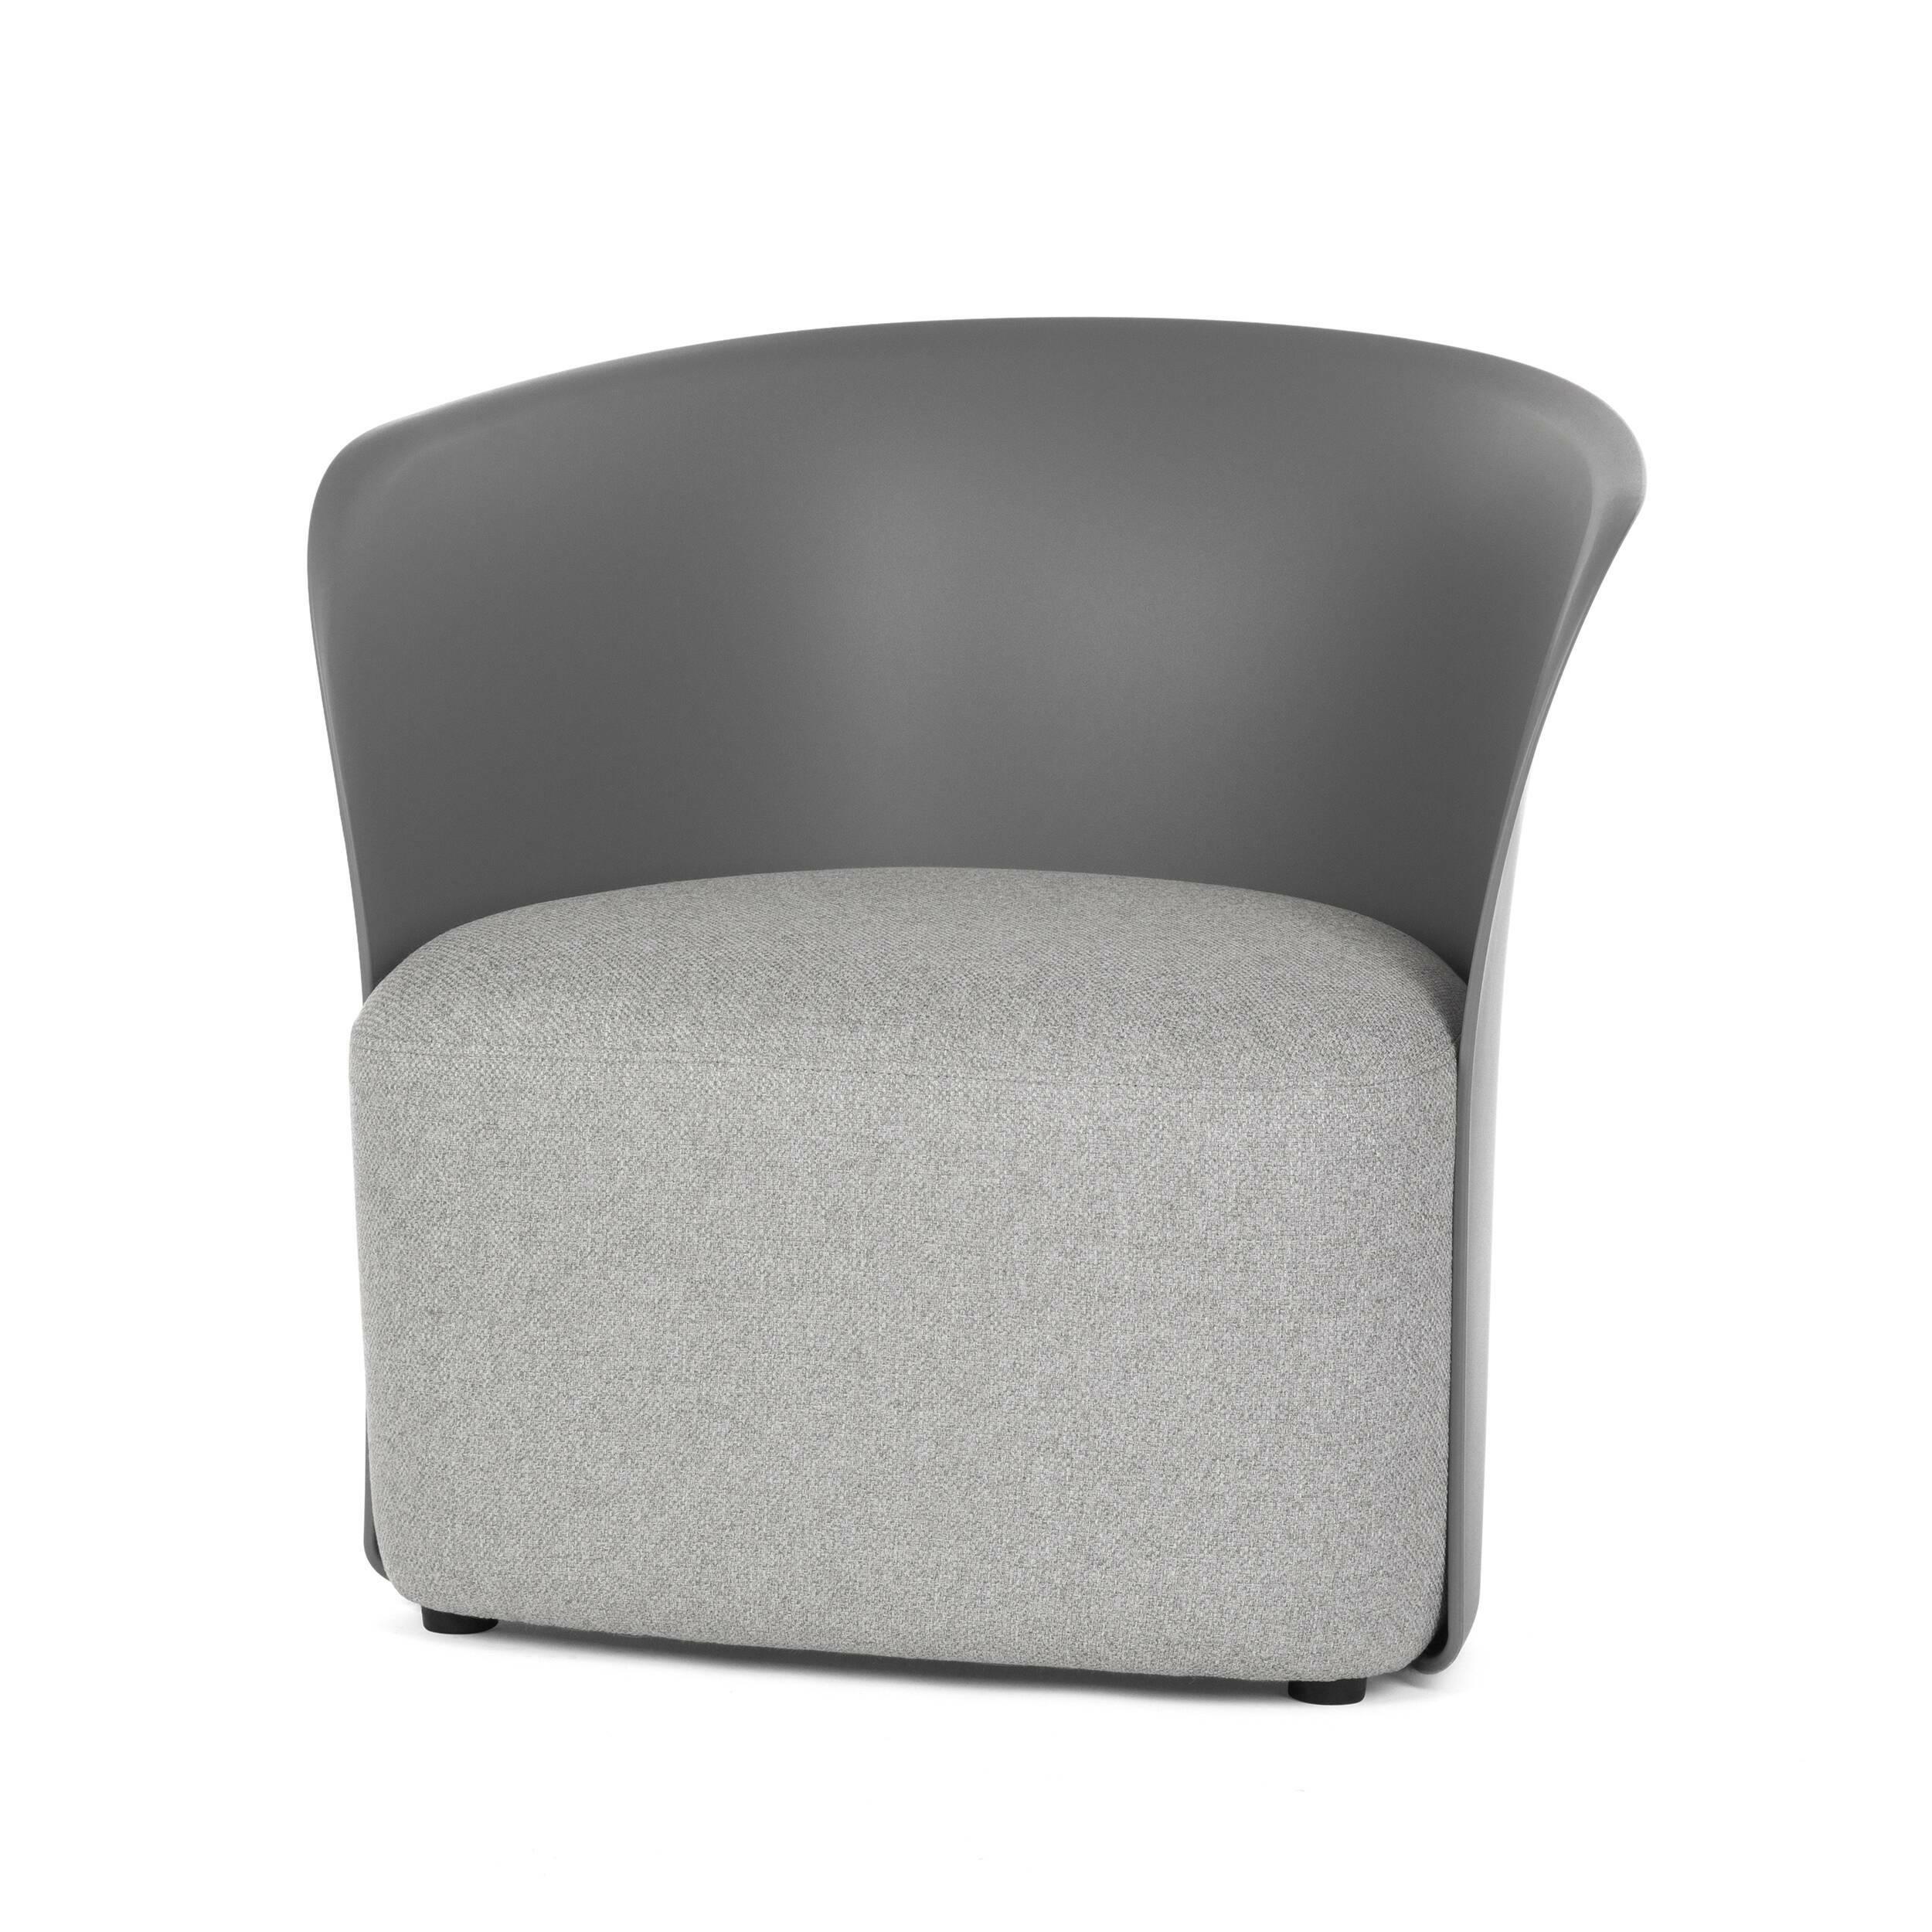 Кресло Cosmo 16075279 от Cosmorelax